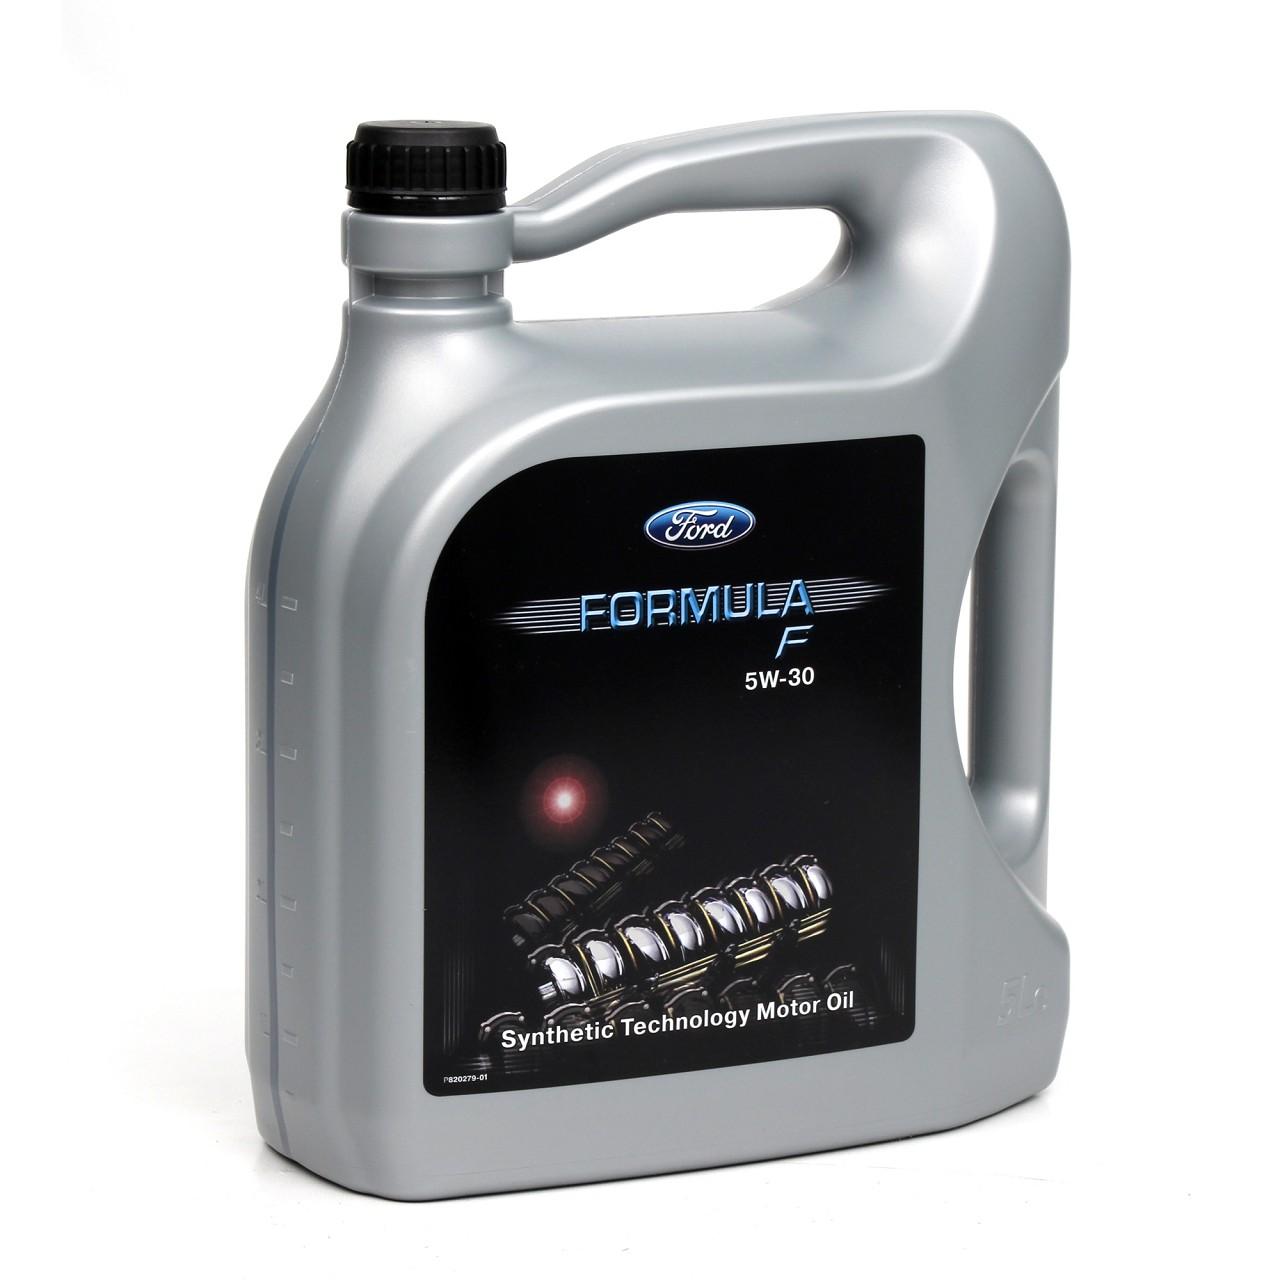 ORIGINAL Ford Motoröl Öl 5W30 5W-30 FORMULA F 155D3A WSS-M2C913-C 5 Liter 5L